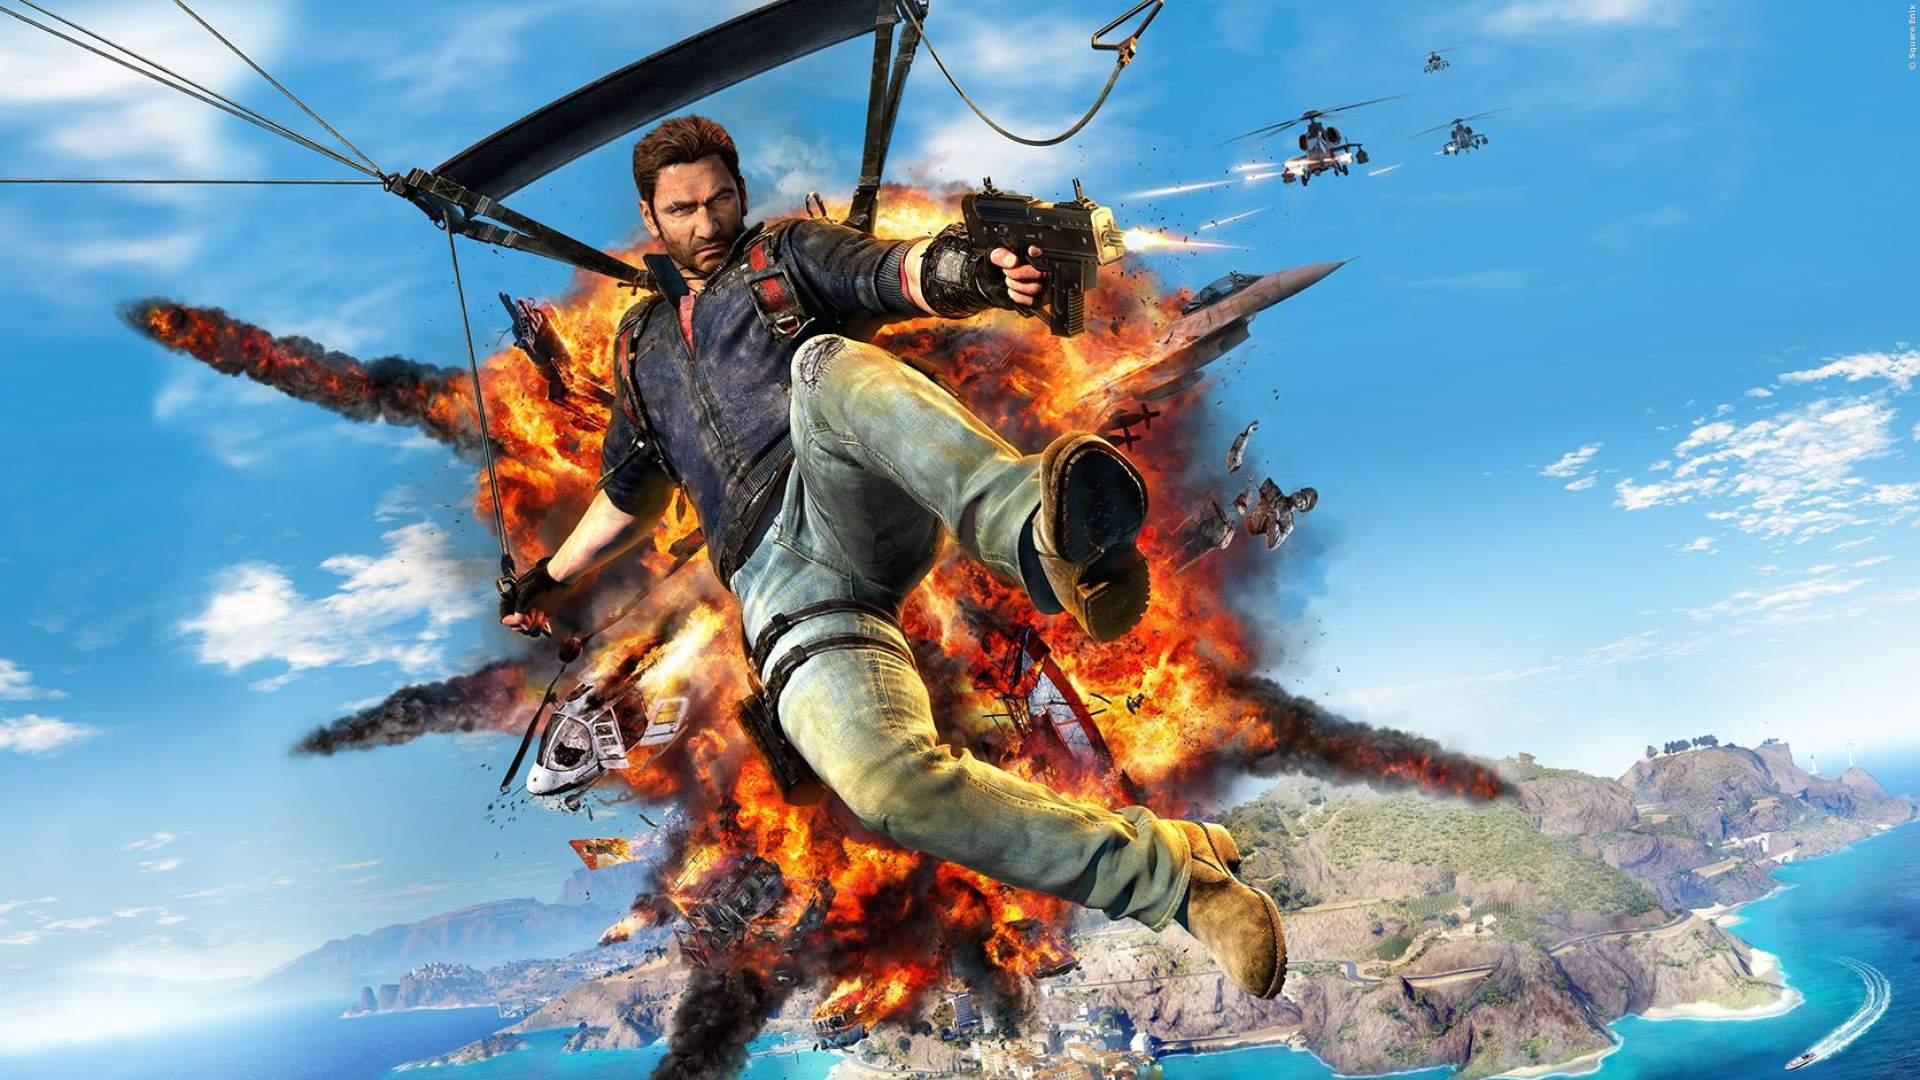 ENDLICH: Videospiel 'Just Cause' wird verfilmt und kommt schon sehr bald ins Kino